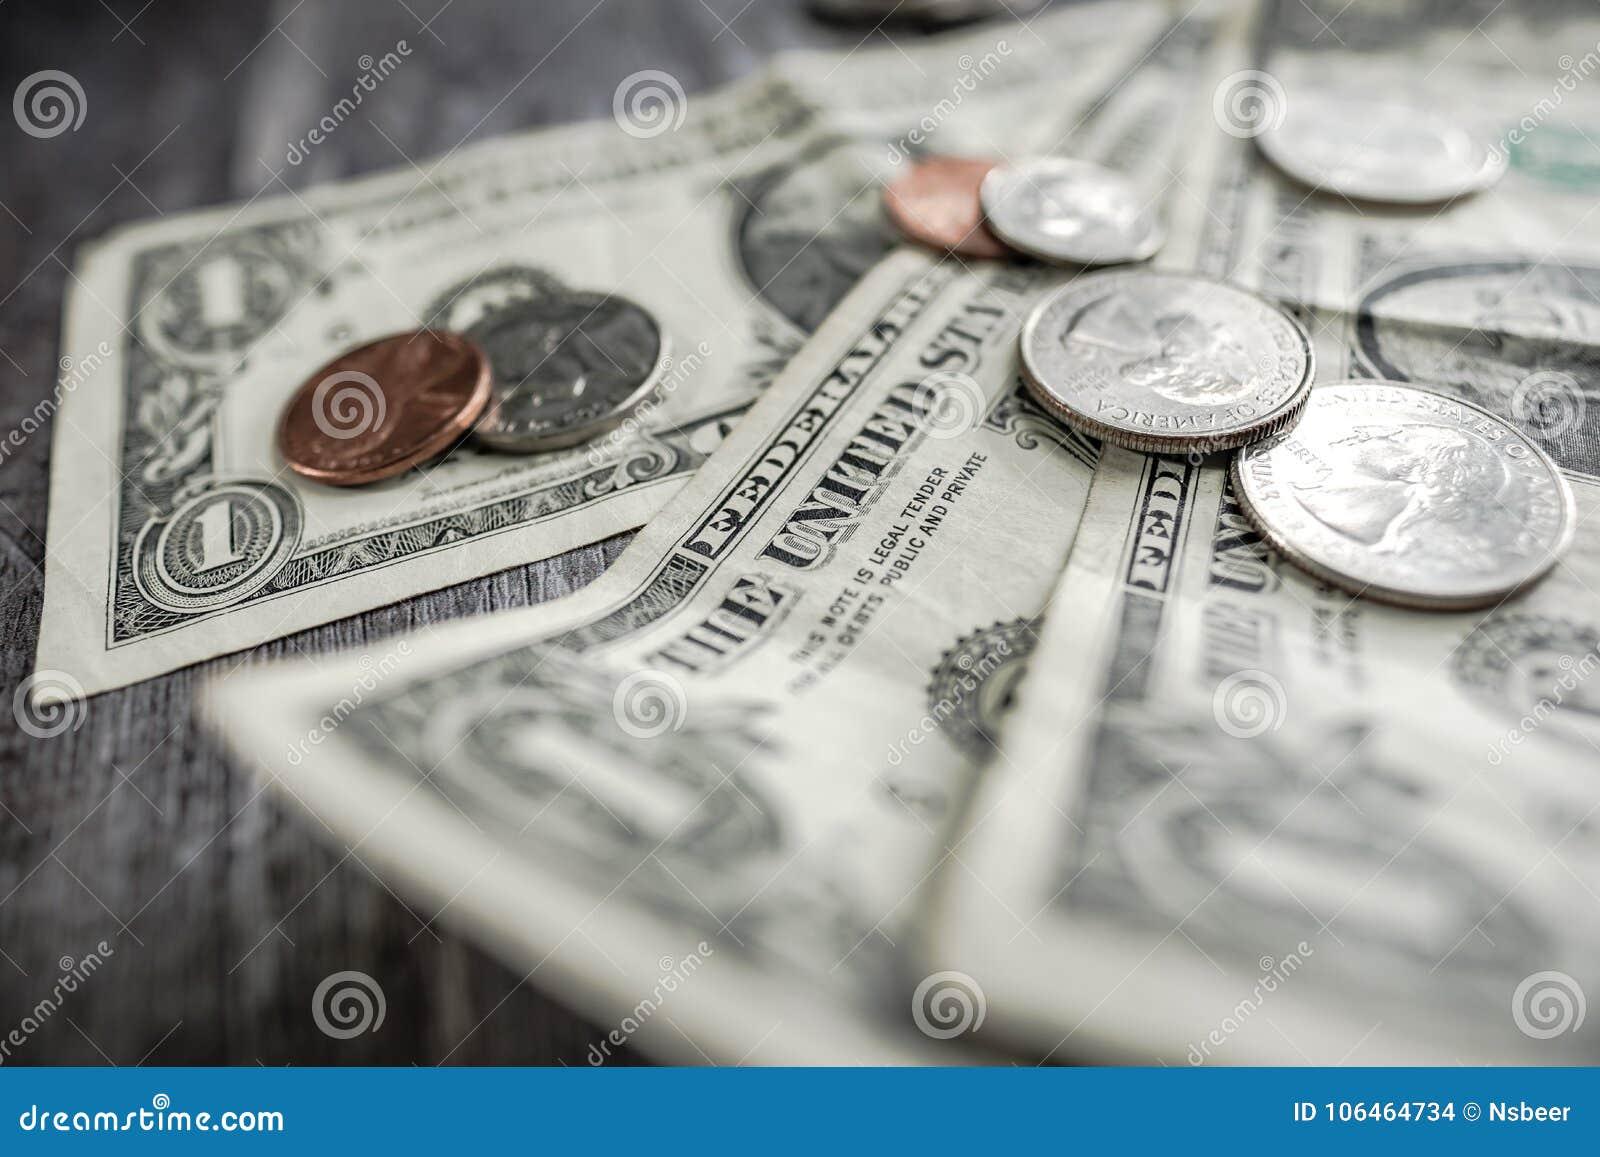 Close-up van gebruikte Amerikaanse die bankbiljetten en het munten op een houten bureau worden gezien